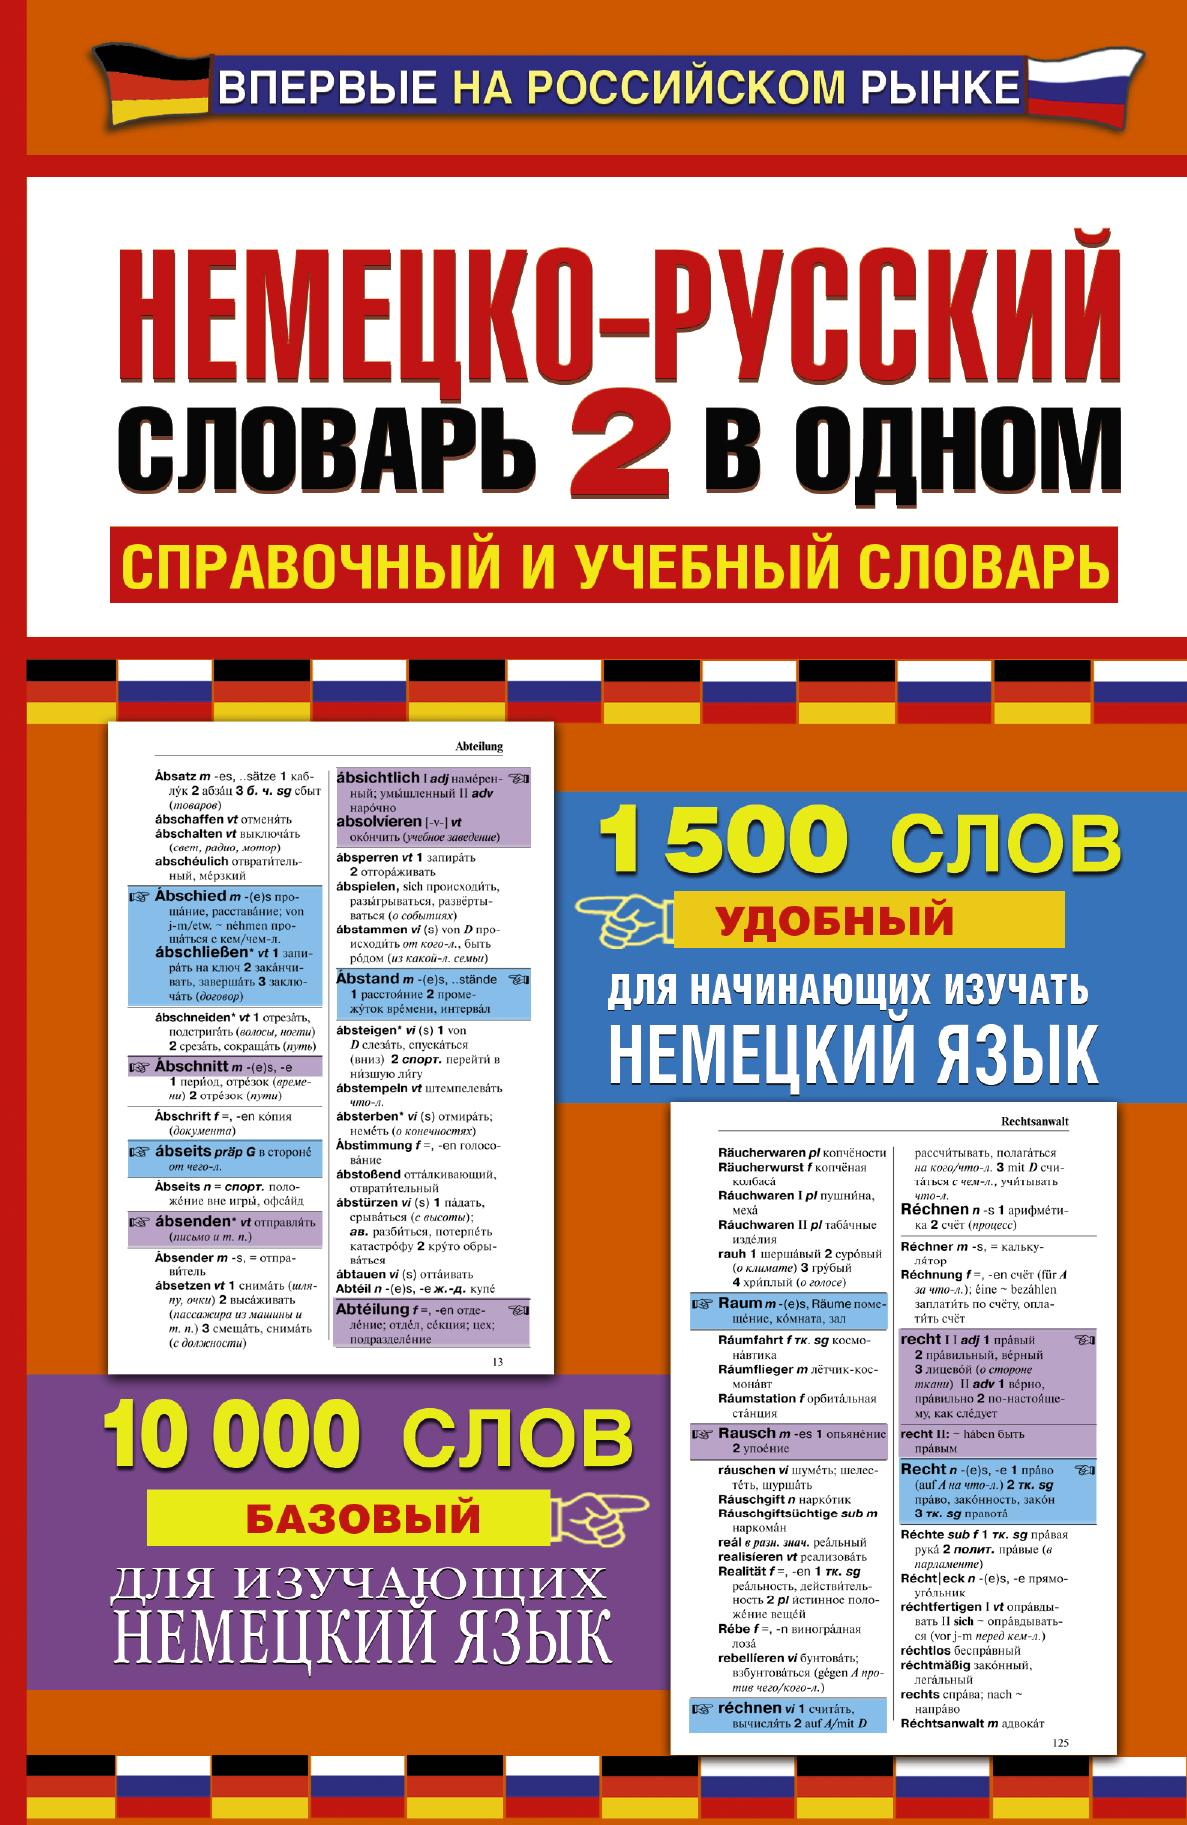 Немецко-русский словарь 2 в одном. Справочный и учебный словарь